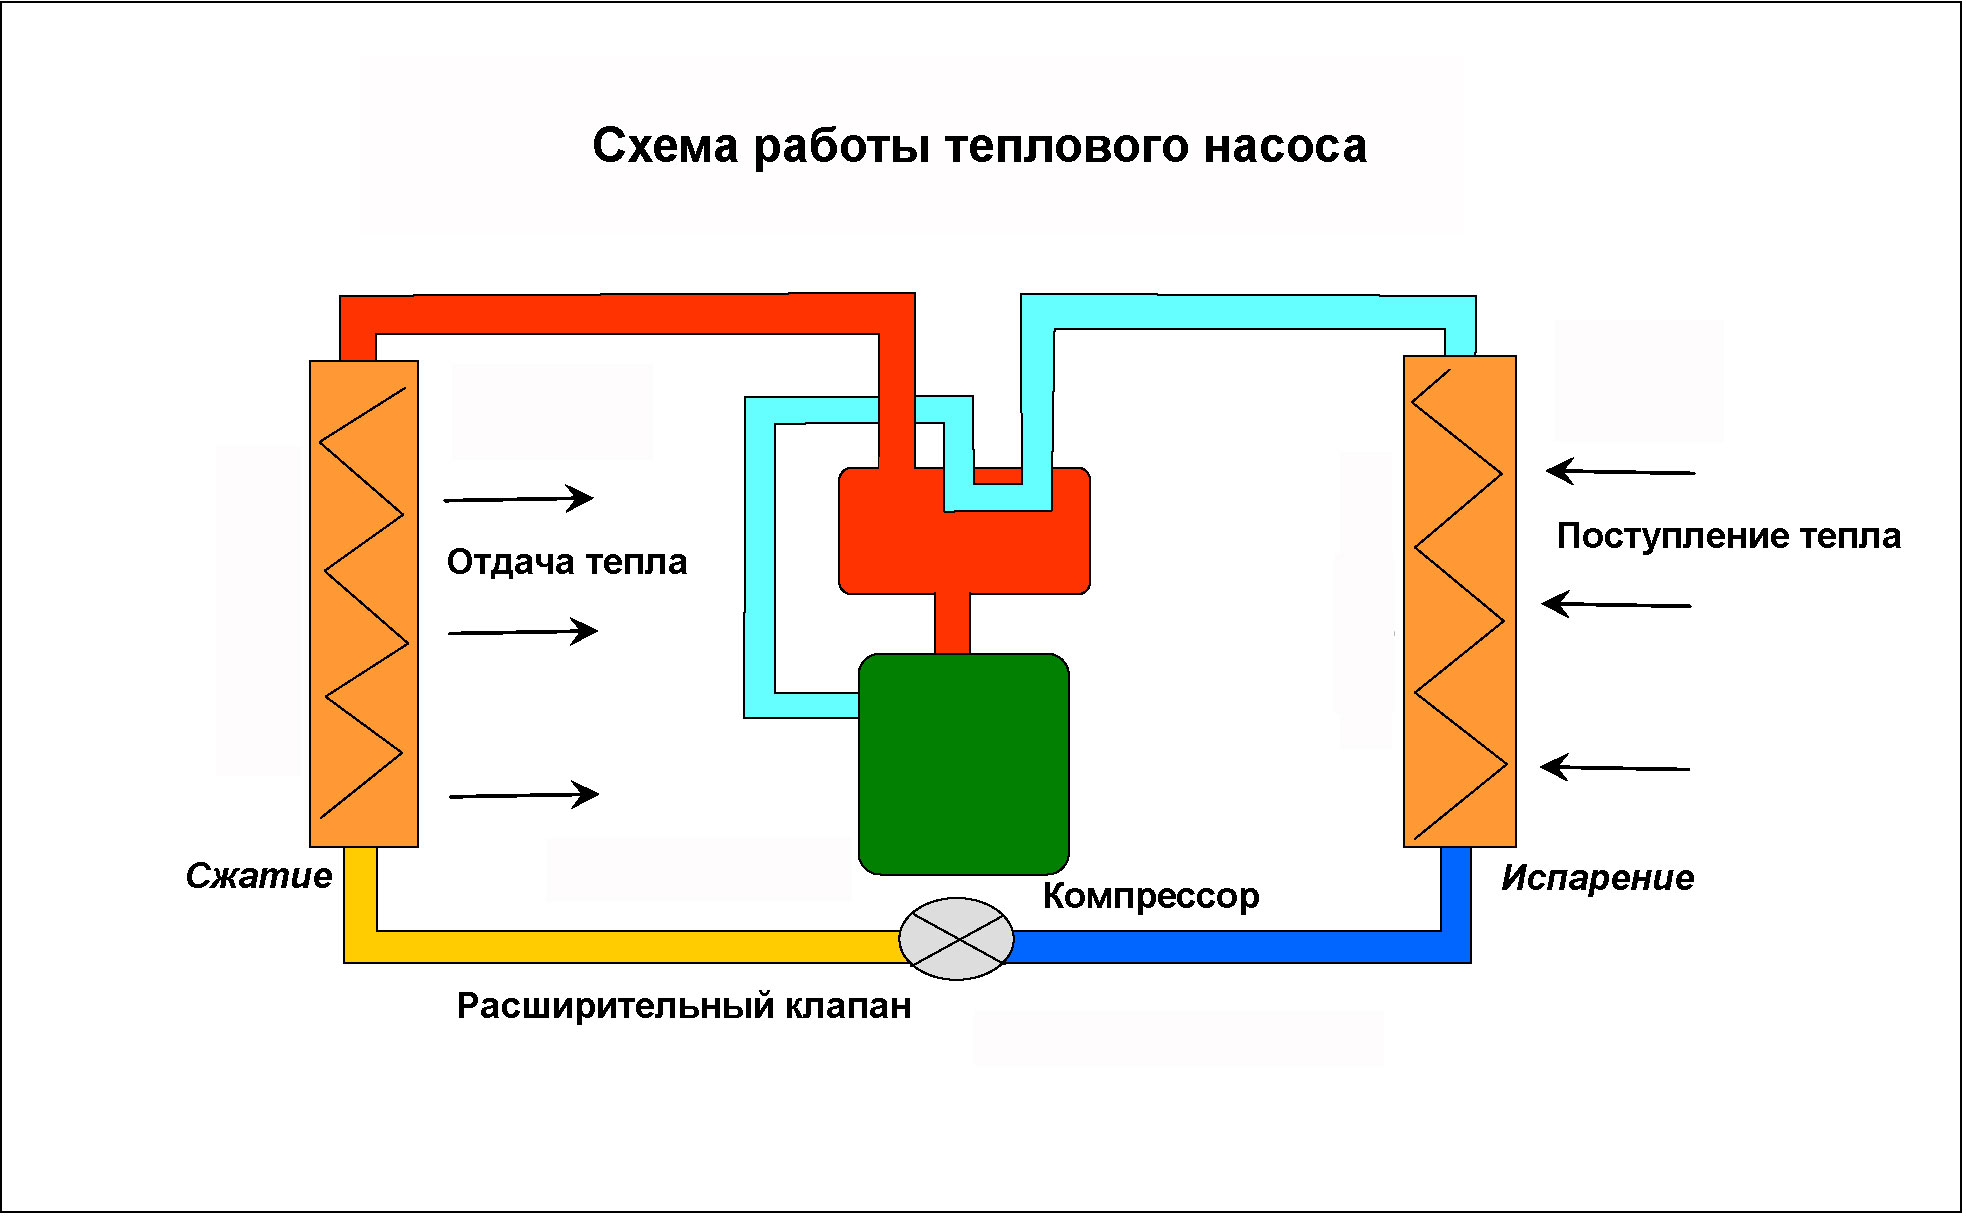 Тепловой насос своими руками: система для отопления дома 88